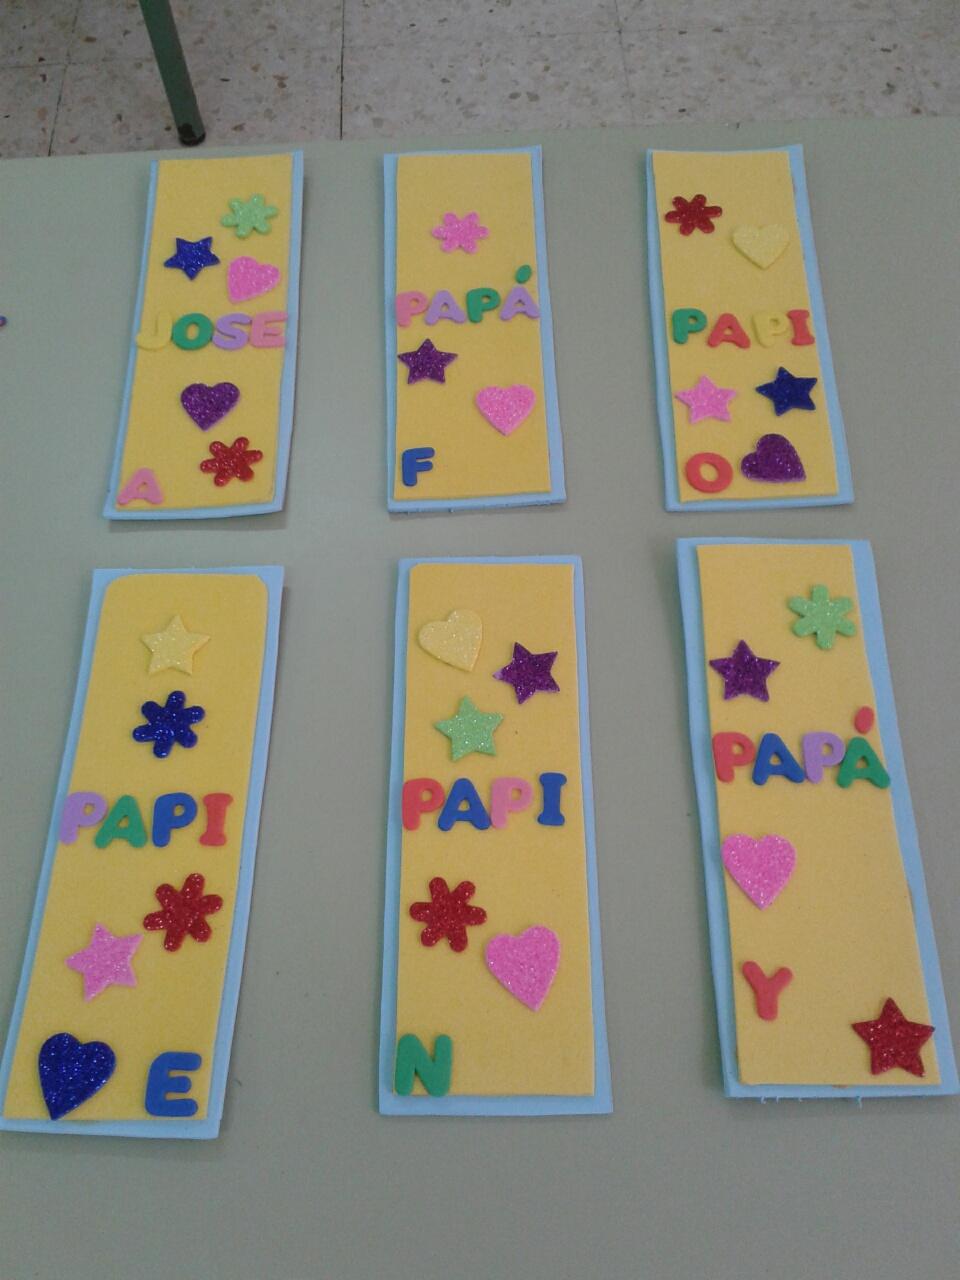 Día del padre   Blog de aula de una maestra de escuela unitaria